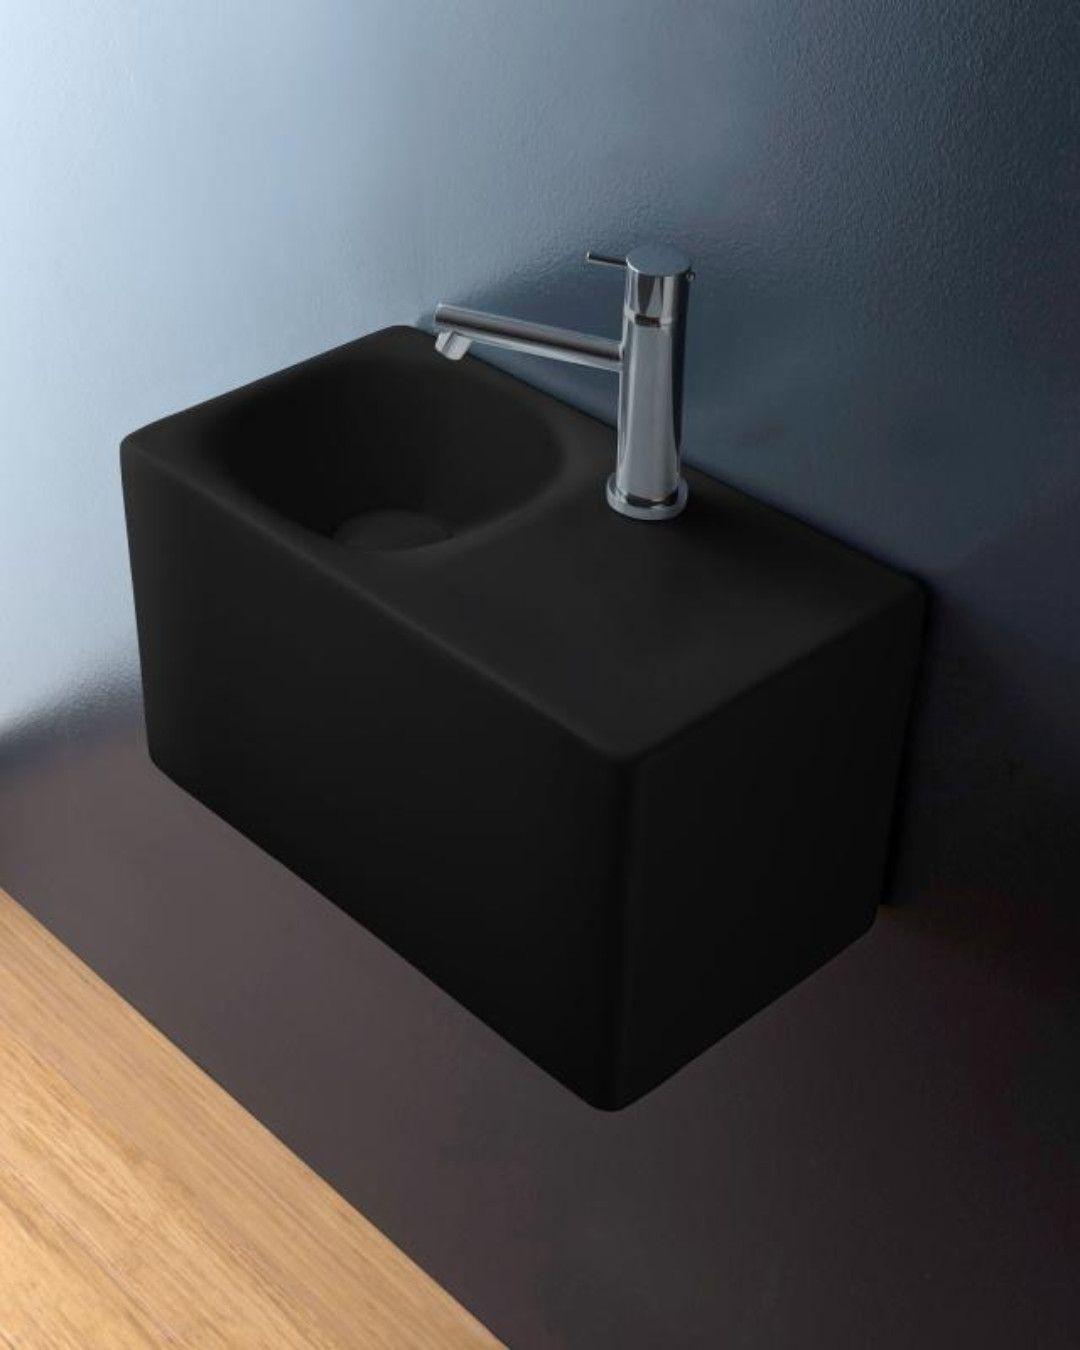 Scarabeo Cube Ein Glatter Quader Mit Gerundeten Kanten Bildet Die